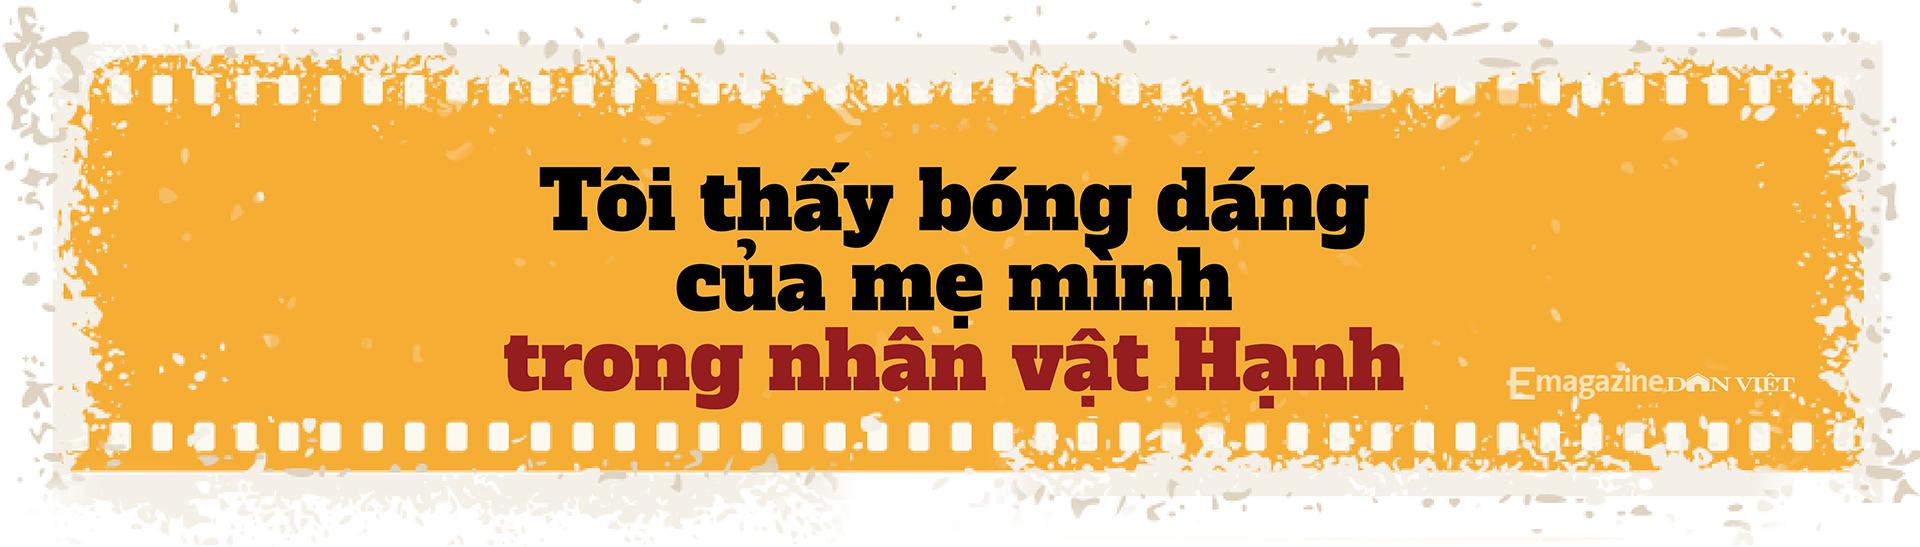 Diễn viên – đạo diễn Hồng Ánh: Tôi có cuộc sống khác biệt với số đông nhưng hạnh phúc theo cách riêng - Ảnh 3.